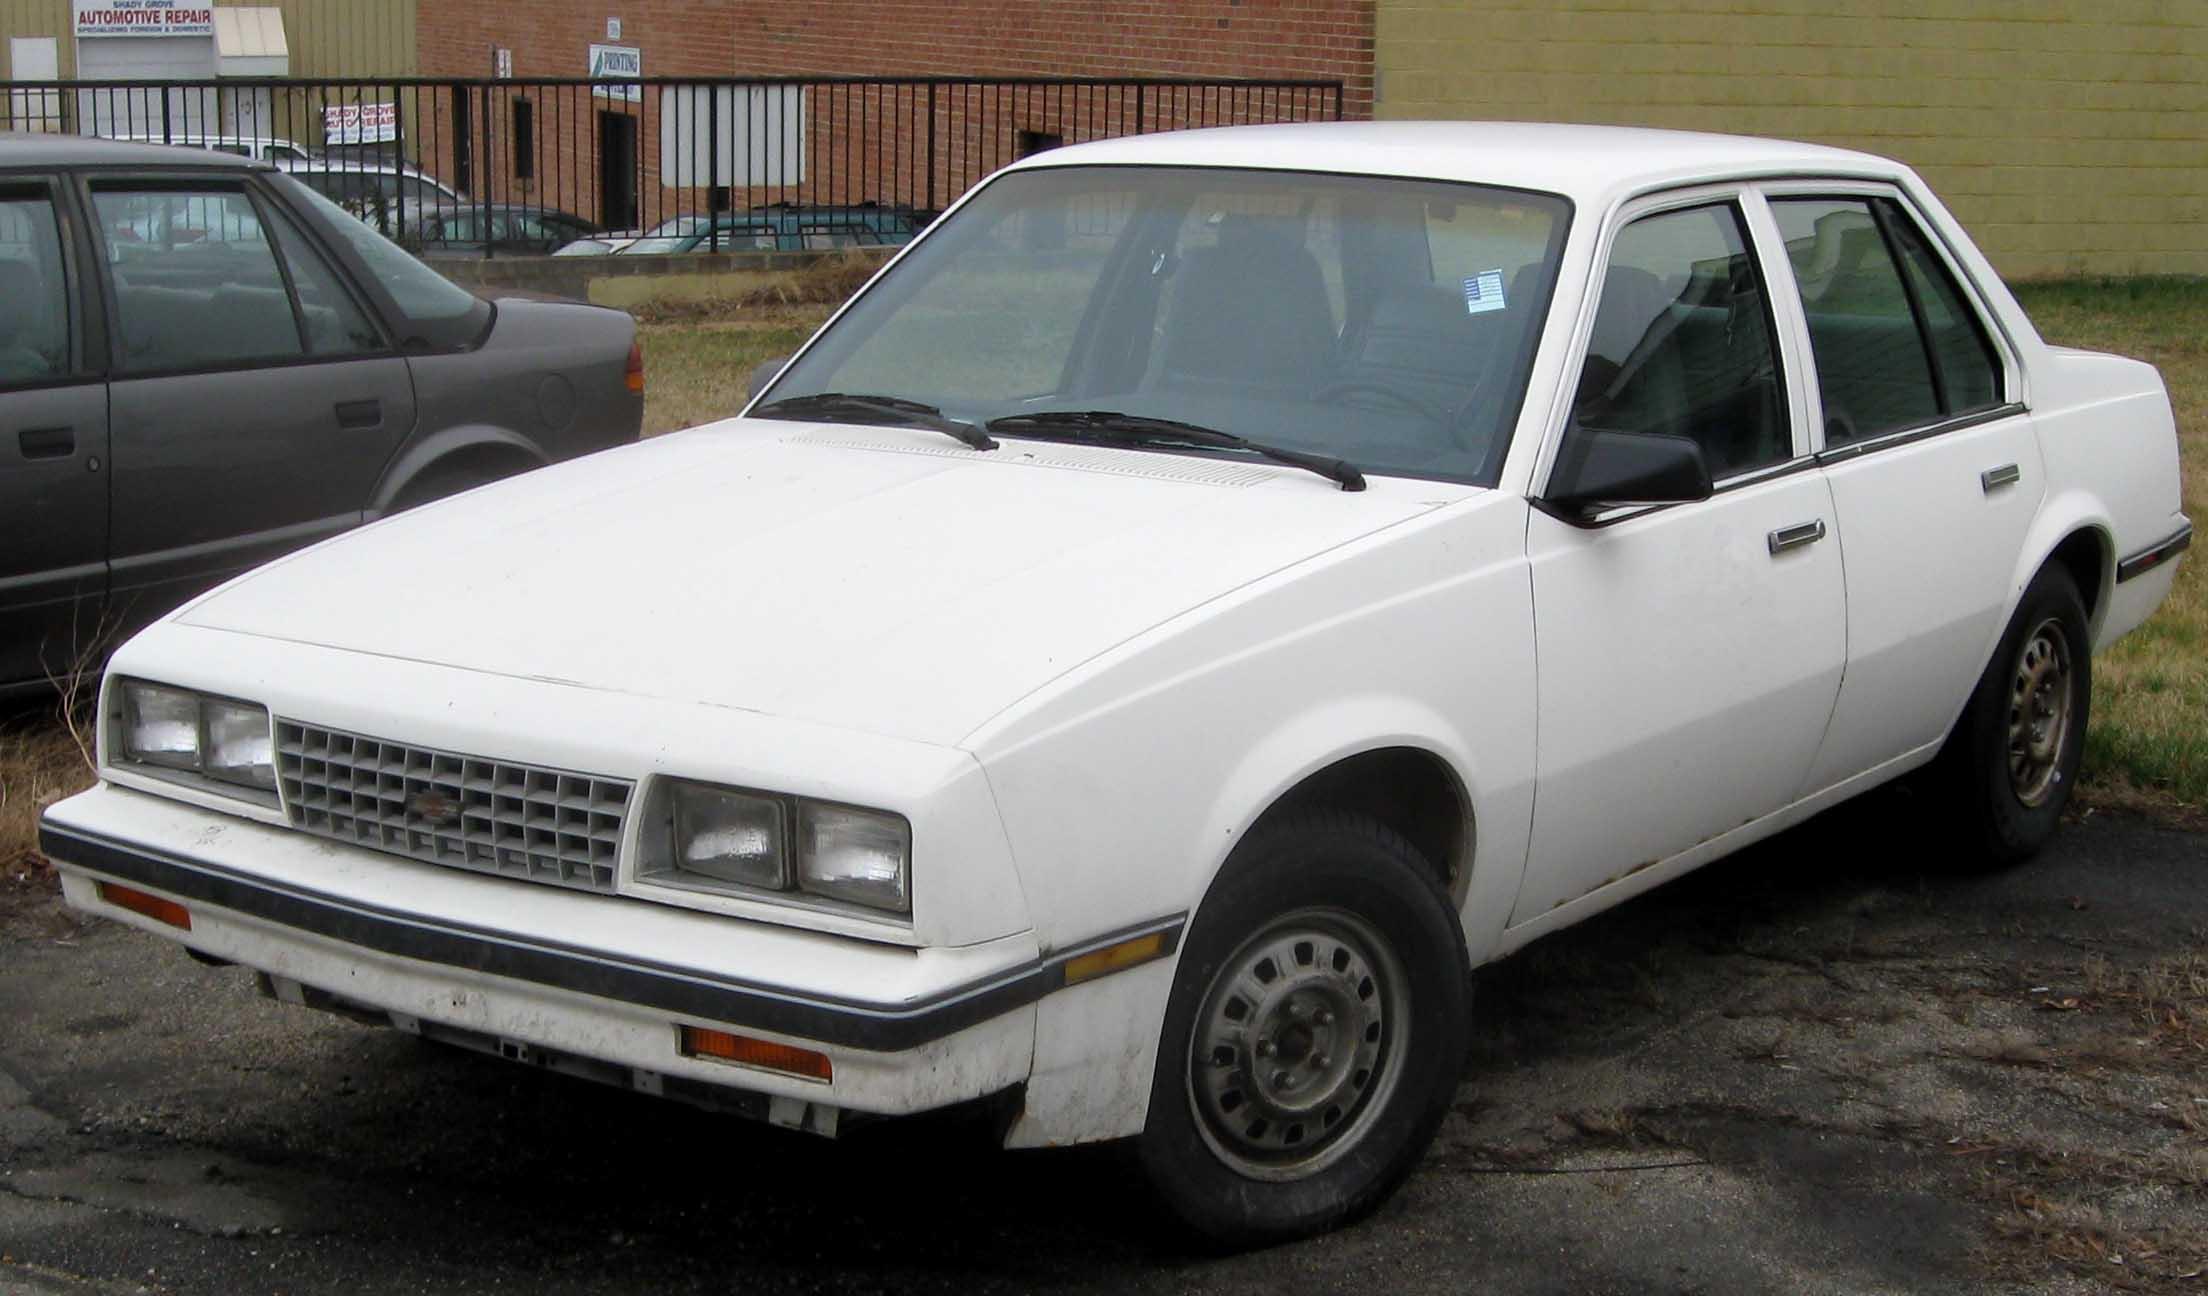 Chevy Cavalier